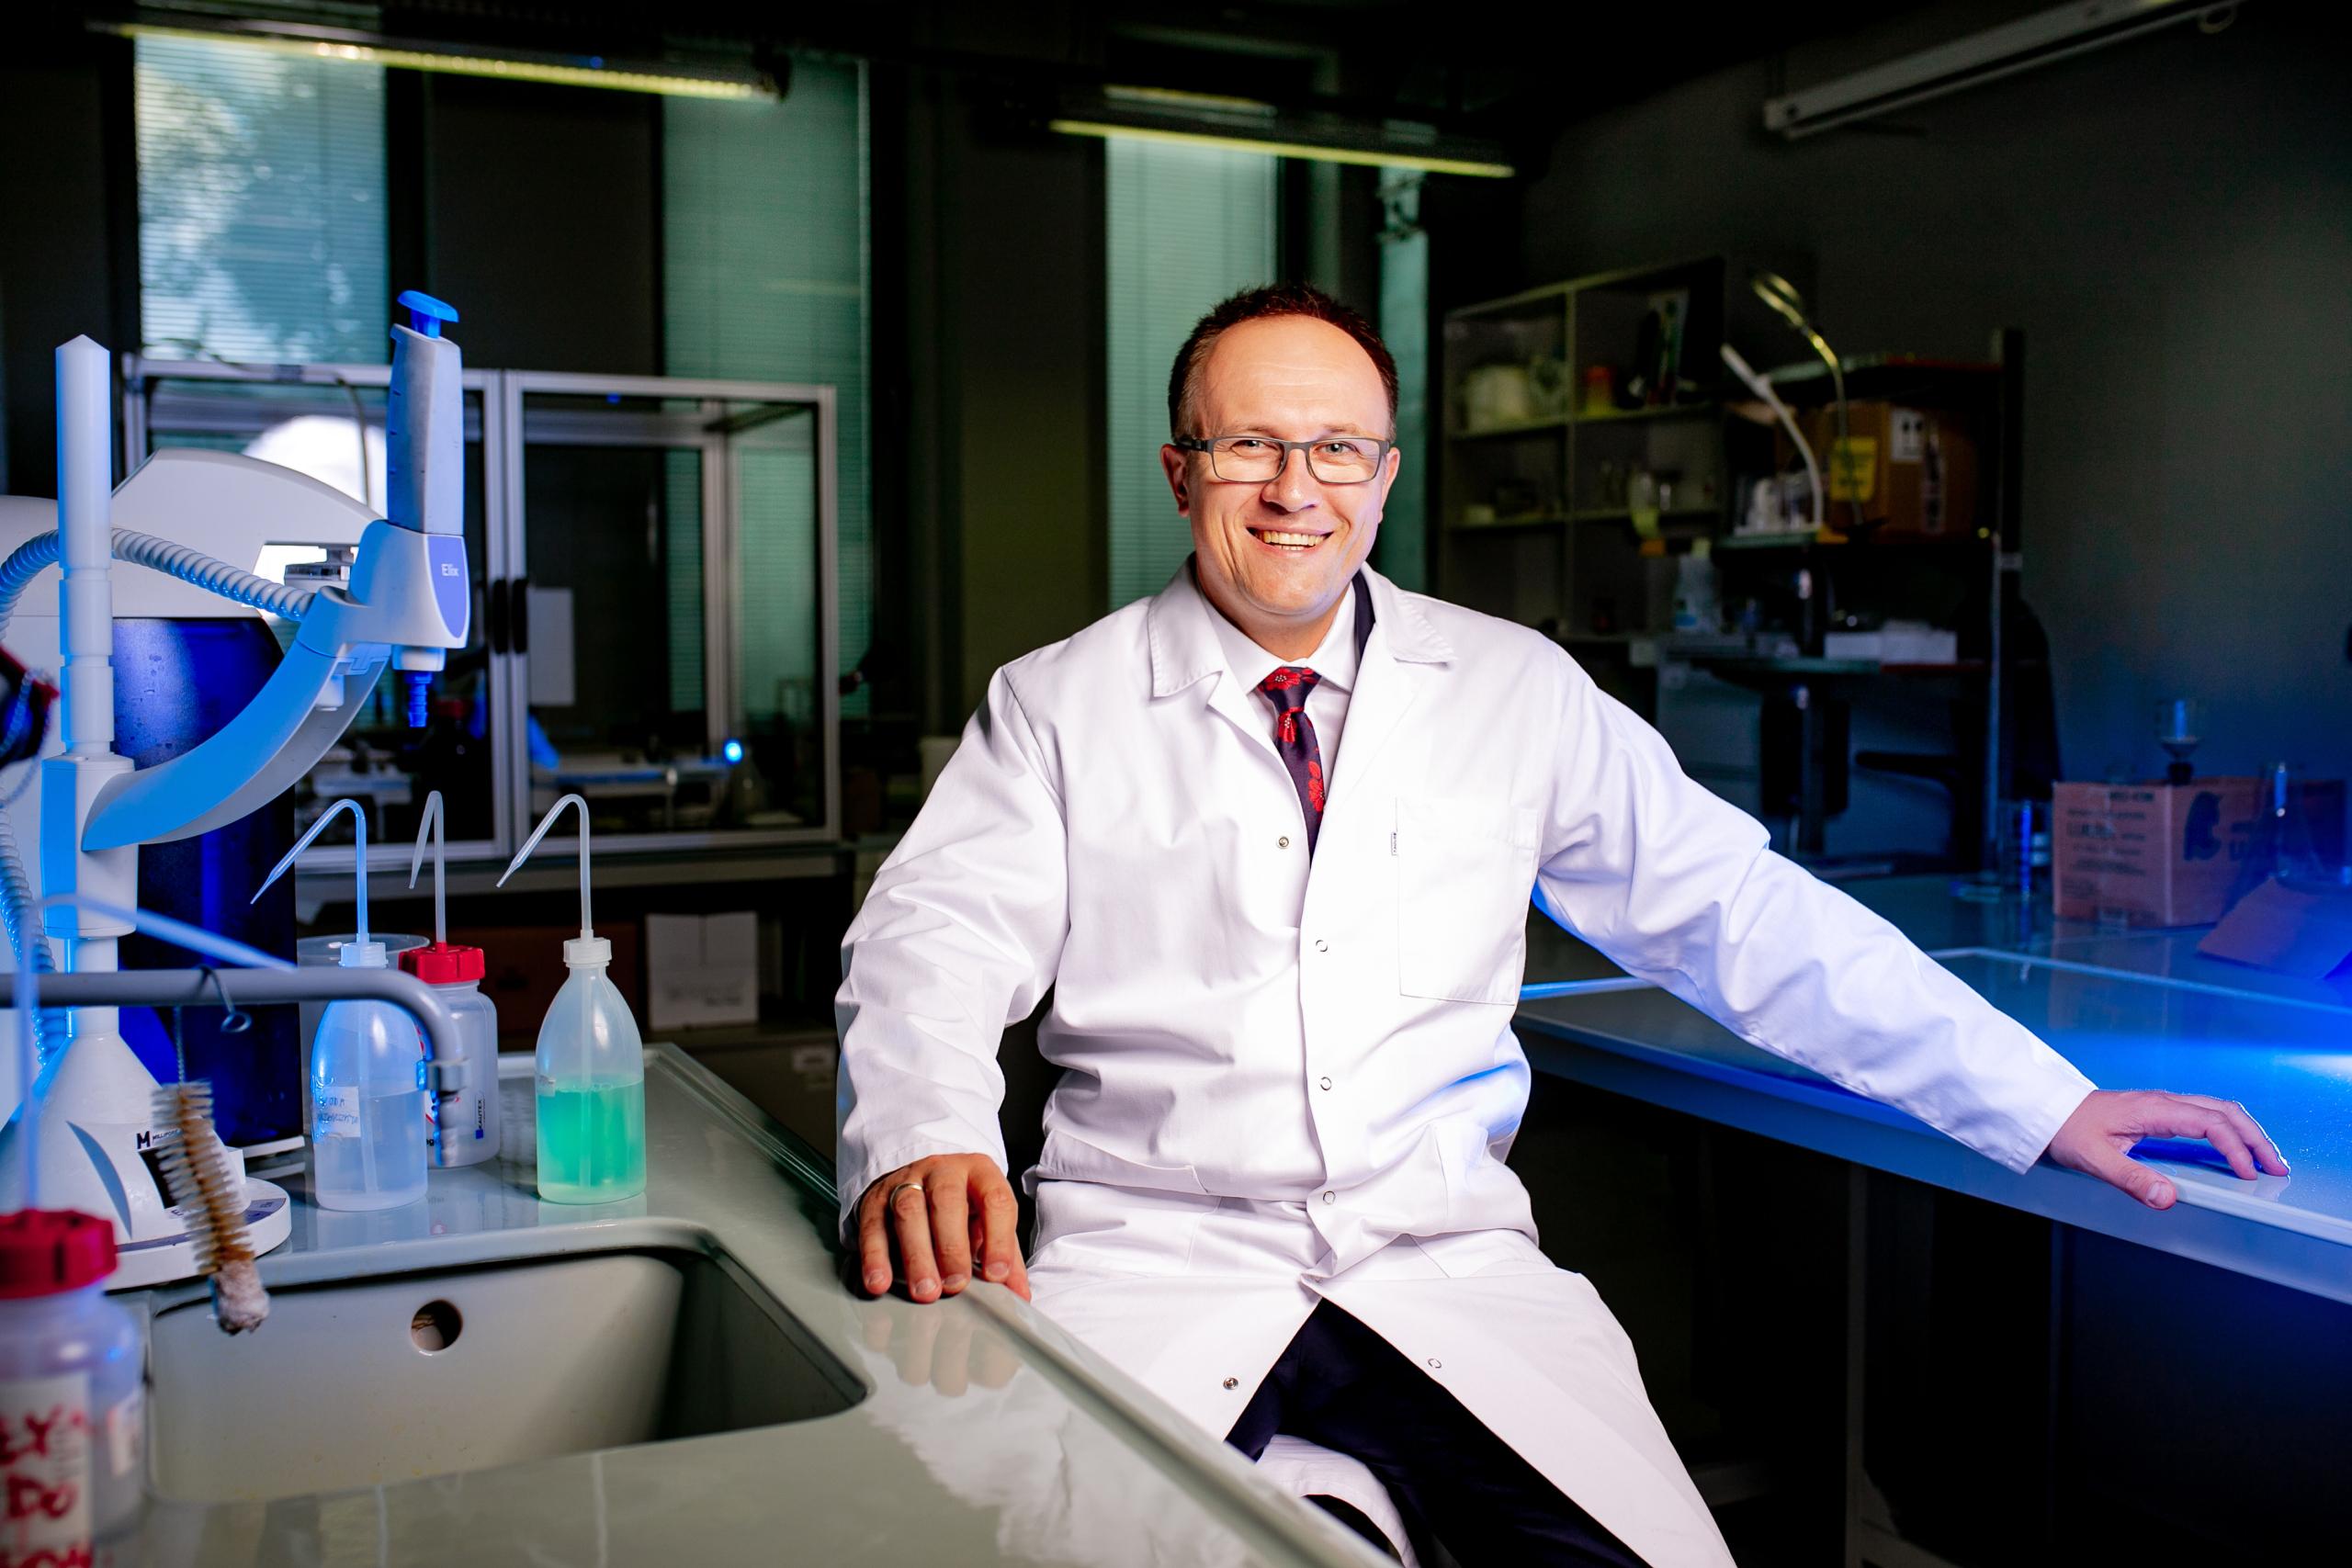 """""""W dobie starzejącego się społeczeństwa kluczową rolę będzie odgrywała opieka farmaceutyczna, ponieważ aptek jest więcej niż placówek medycznych i są ogólnodostępne. To farmaceuta stoi na pierwszej linii kontaktu z pacjentem"""" - mówi dr n. farm. Piotr Merks (fot. MGR.FARM)"""